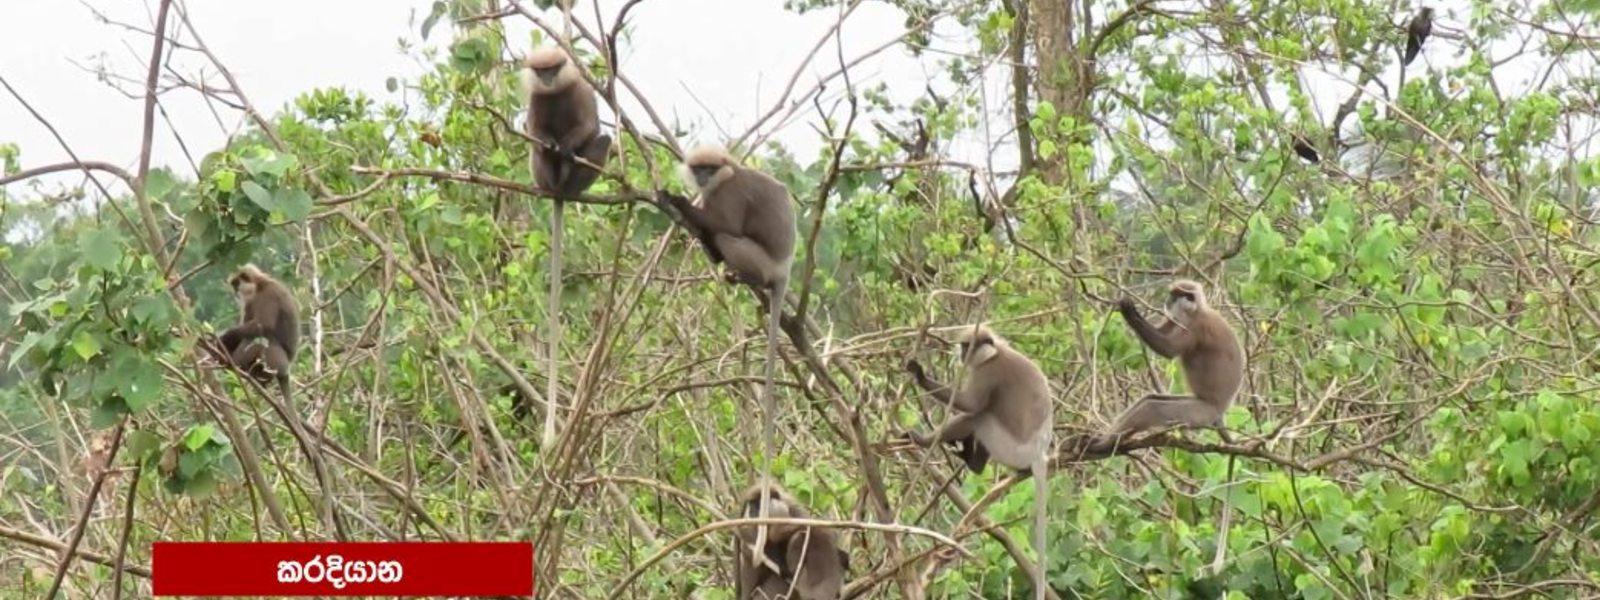 The Monkeys of Karadiyana : Endangered & threatened with starvation